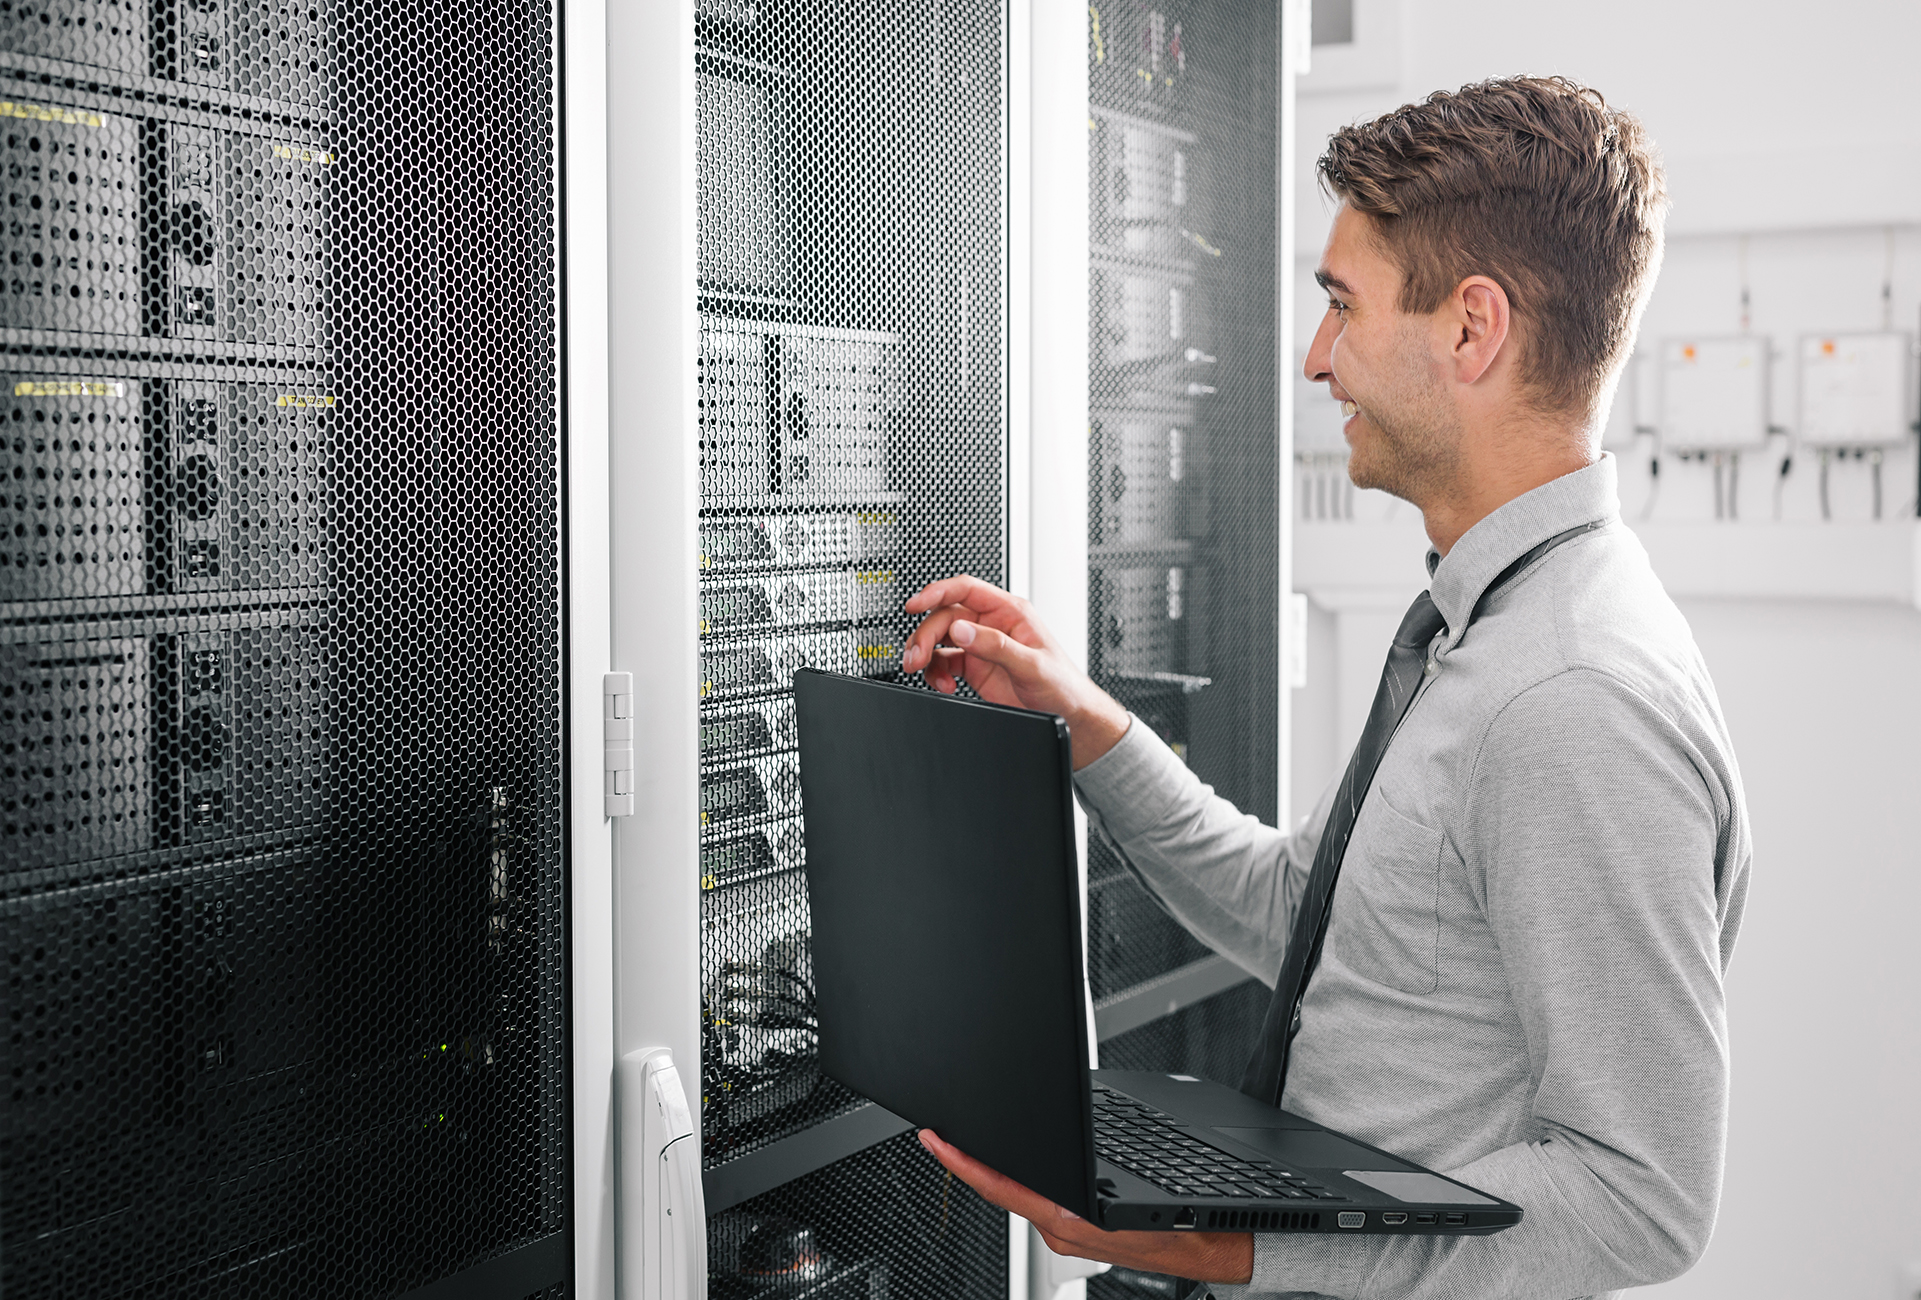 presencial Tecnologias Informacion